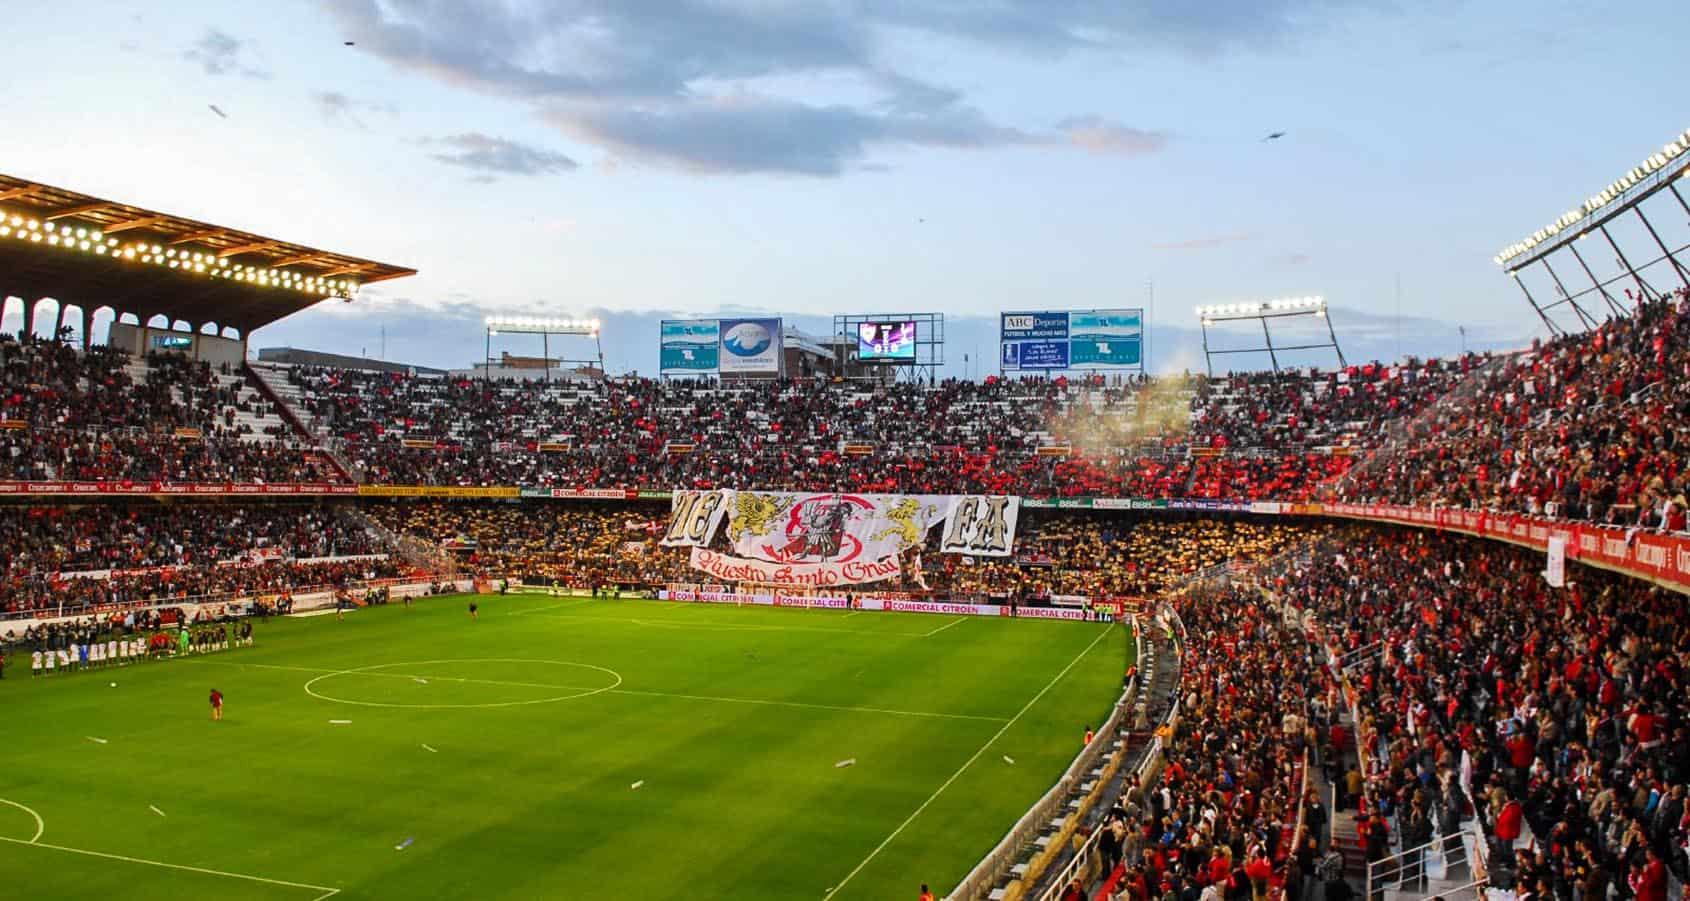 Fotbollsresor, Sevilla FC Biljetter, Spanien, Estadio Ramón Sánchez Pizjuán